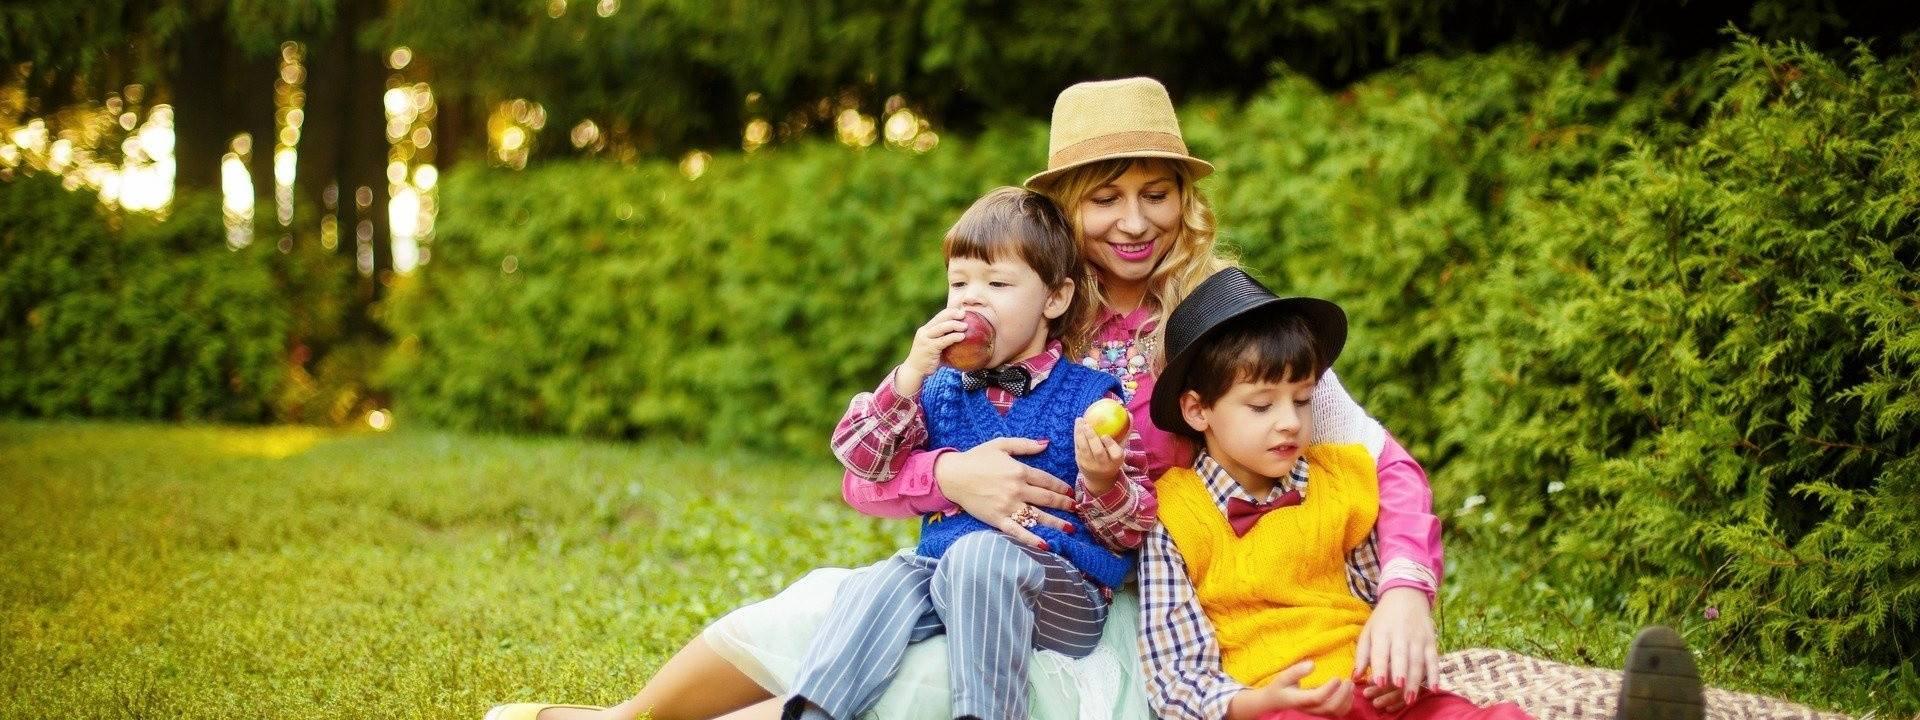 26 maja w Polsce obchodzimy Dzień Matki. To wyjątkowy dzień, w którym oddajemy cześć naszym rodzicielkom za poświęcenie włożone w nasze narodziny i wychowanie.